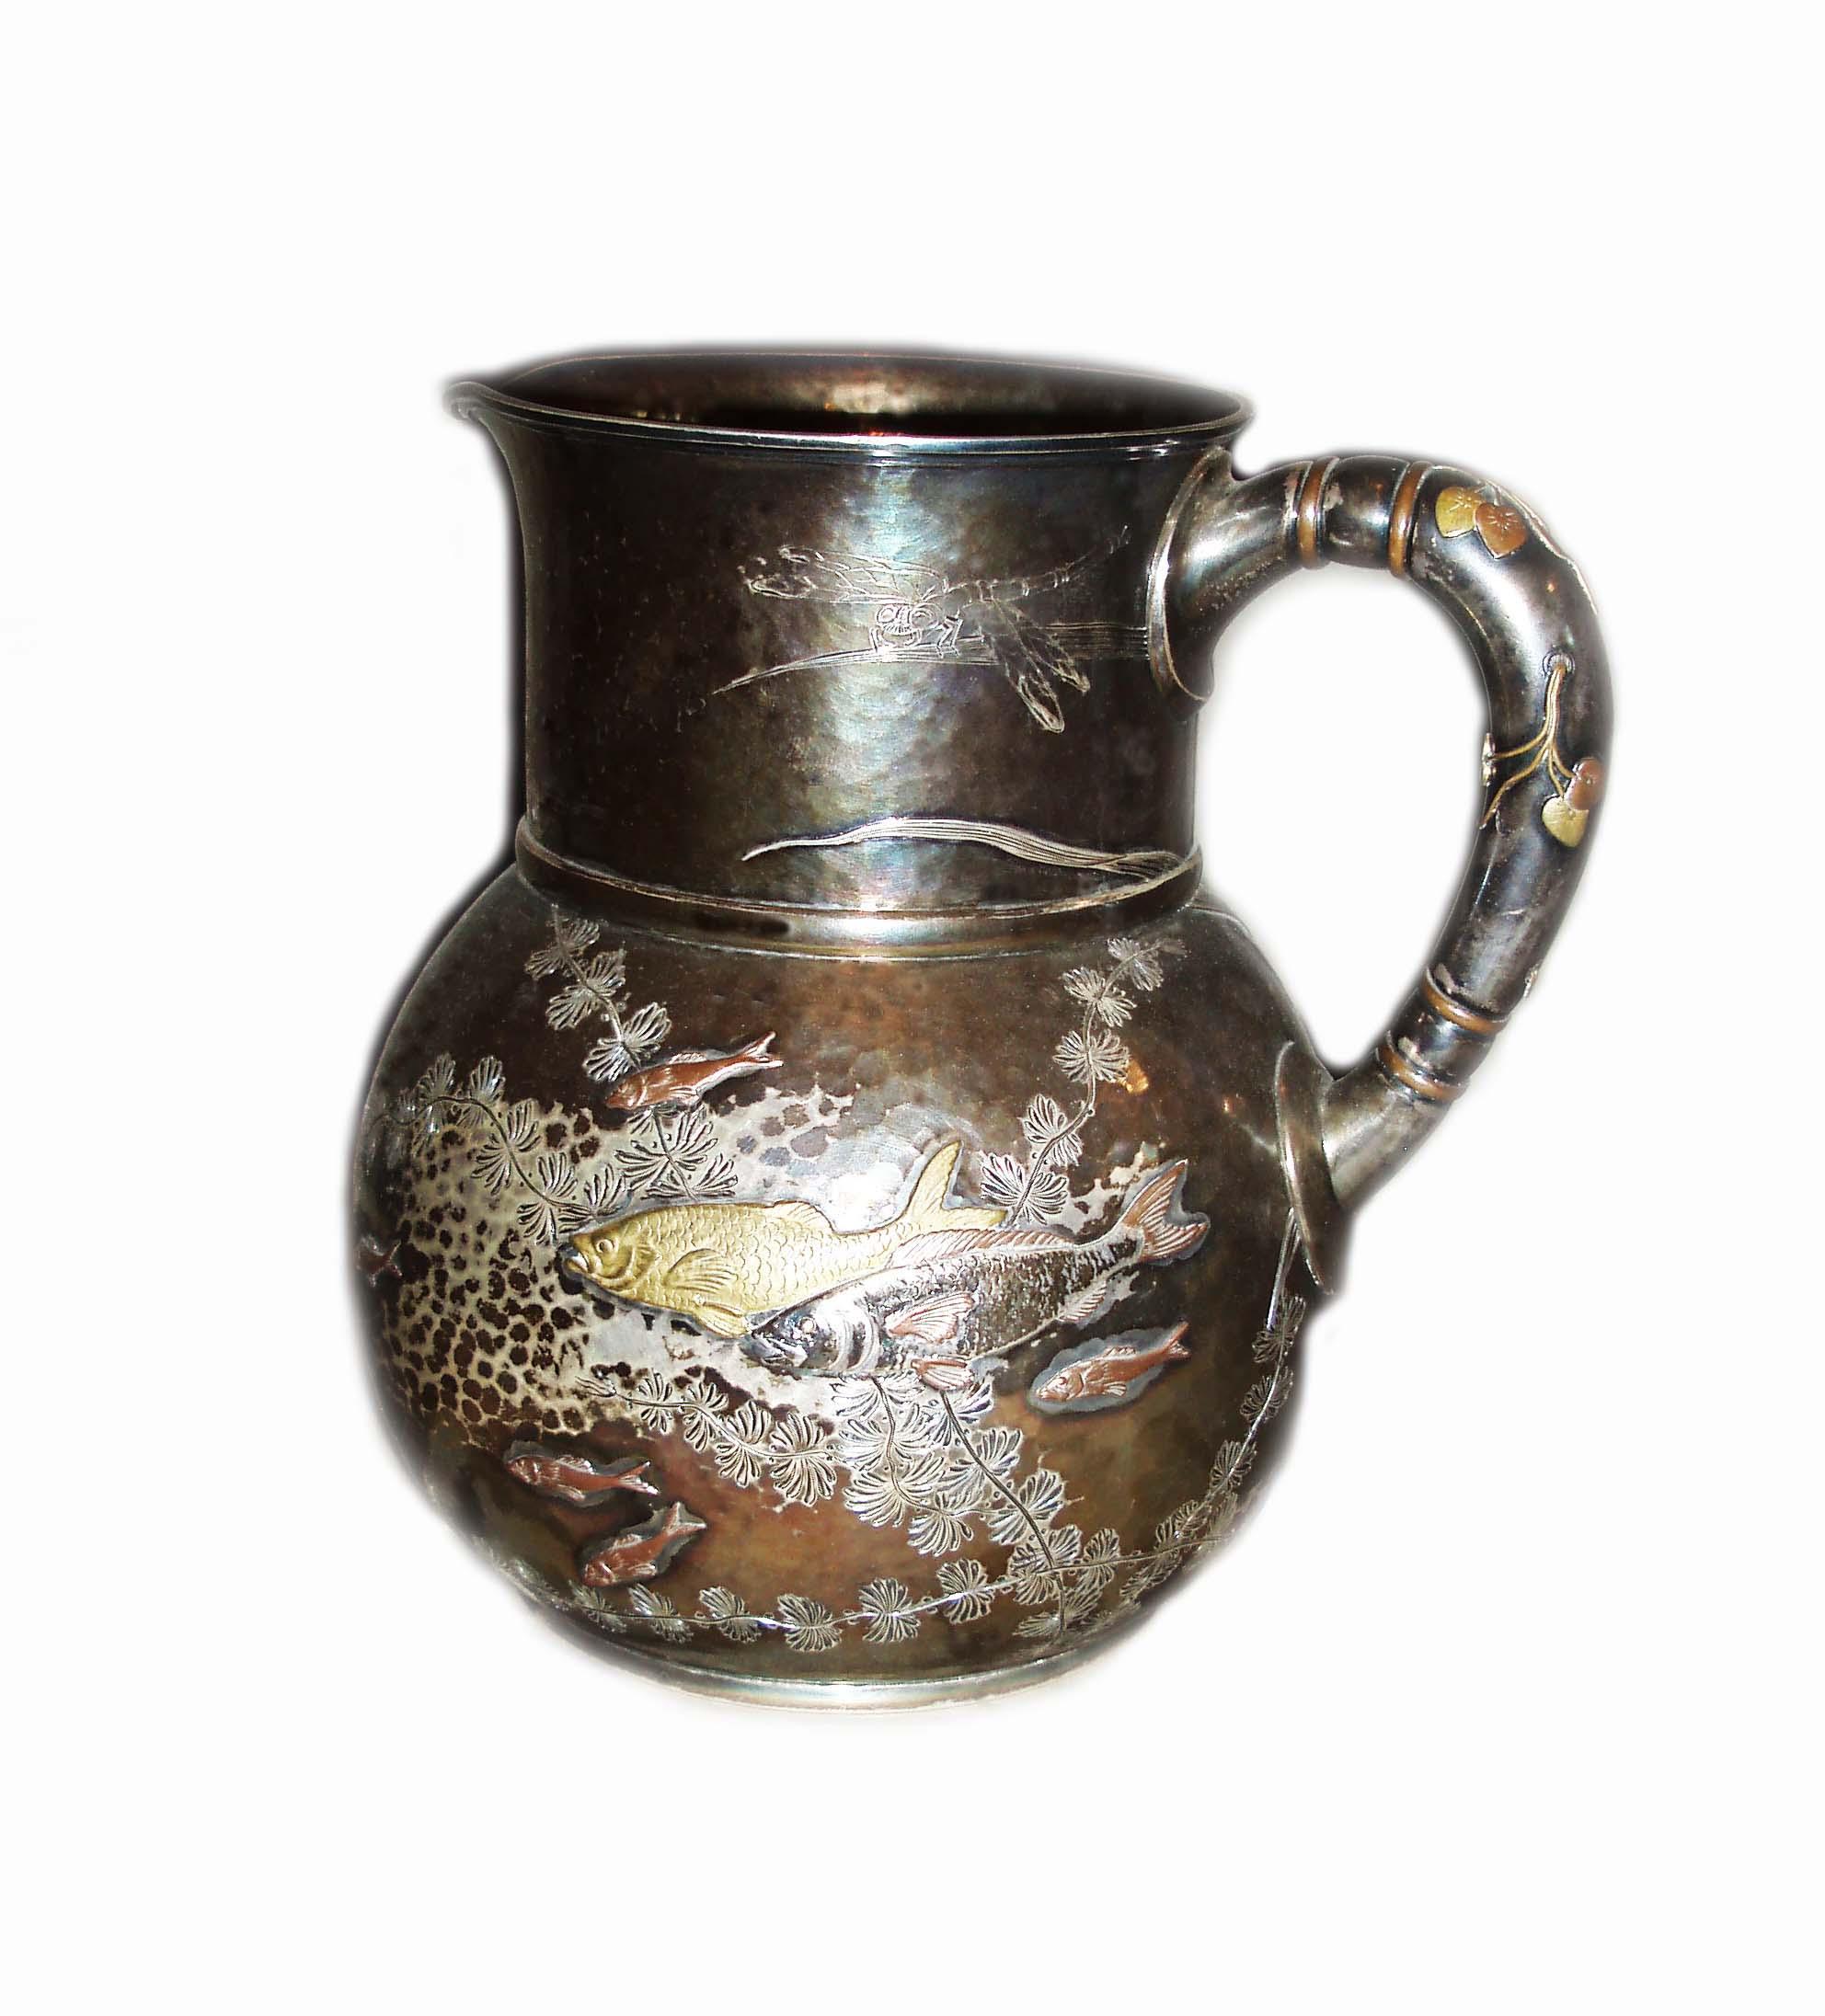 Carafă din argint aurit - Muzeul Municipiului Bucureşti - BUCUREŞTI (Patrimoniul Cultural National Mobil din Romania. Ordin de clasare: 4064/22.12.2016 - Fond)